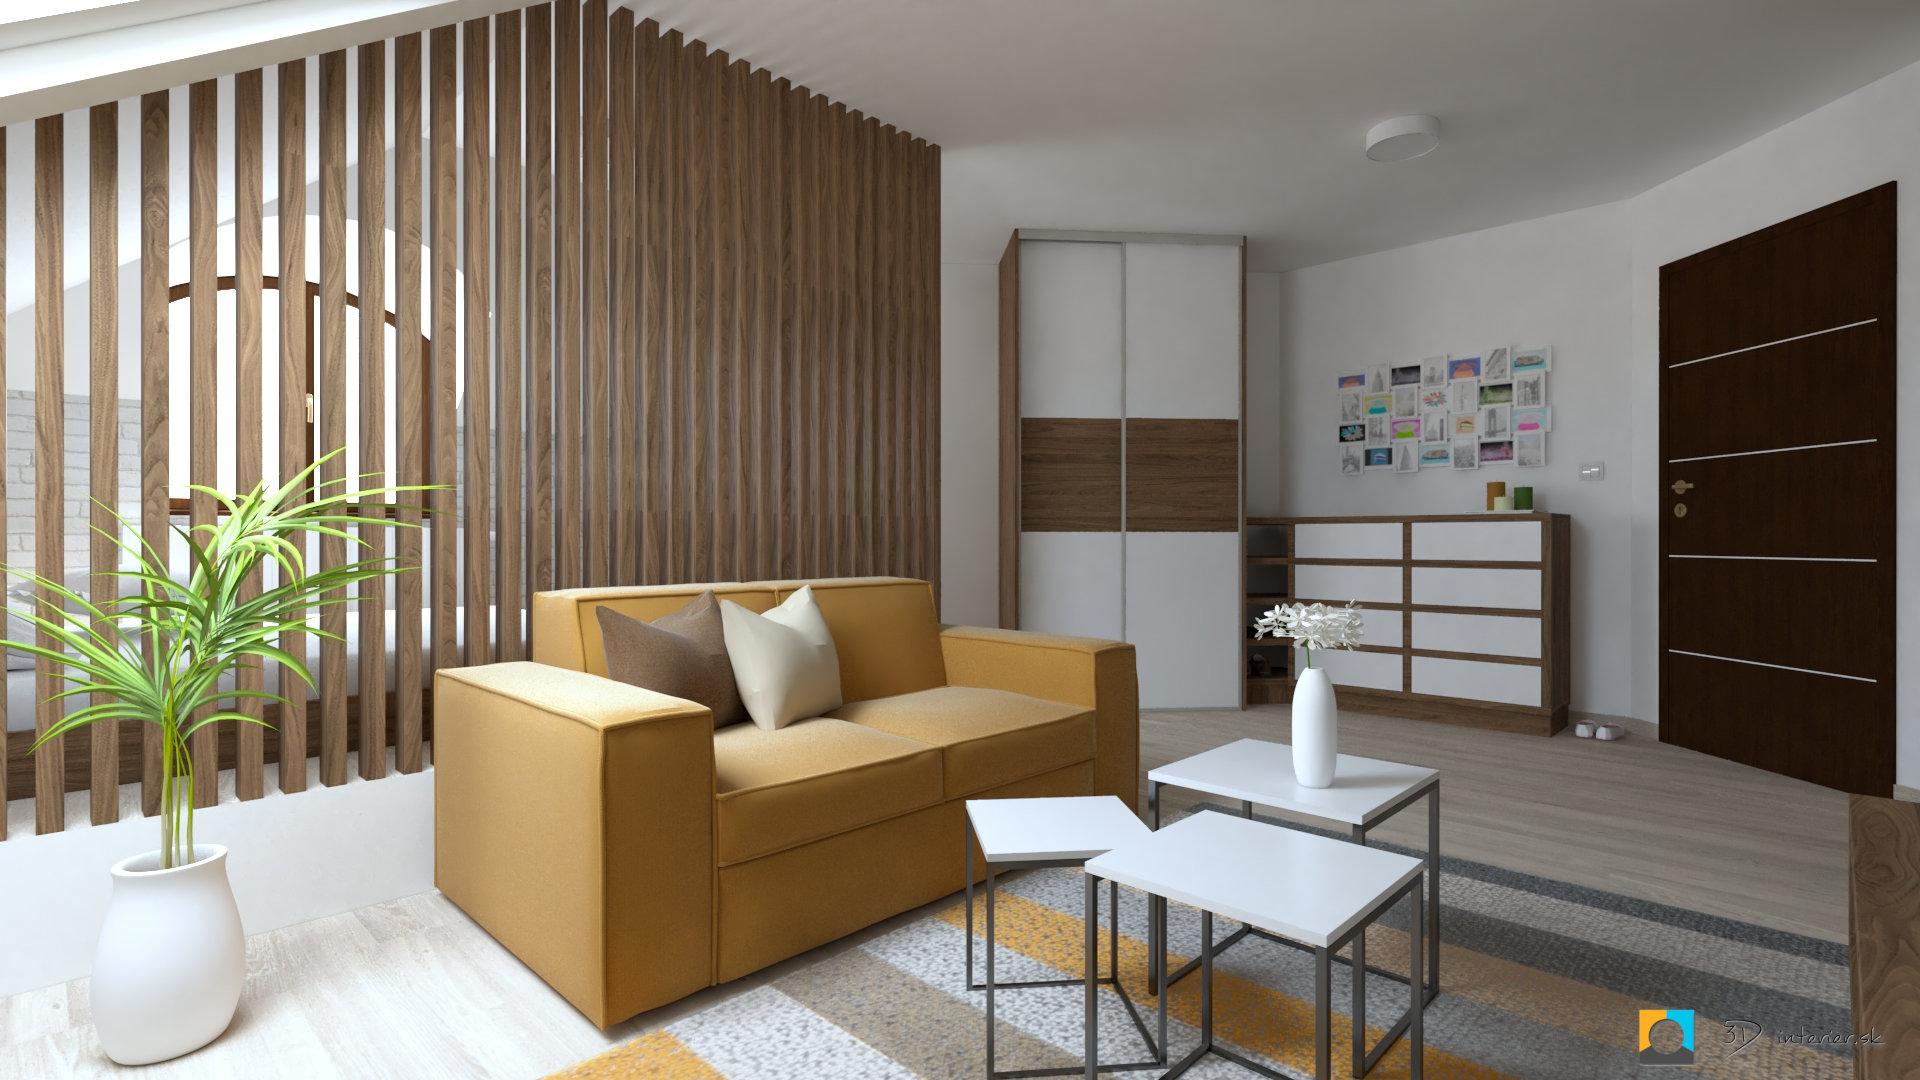 návrh interiéru izba sedačka